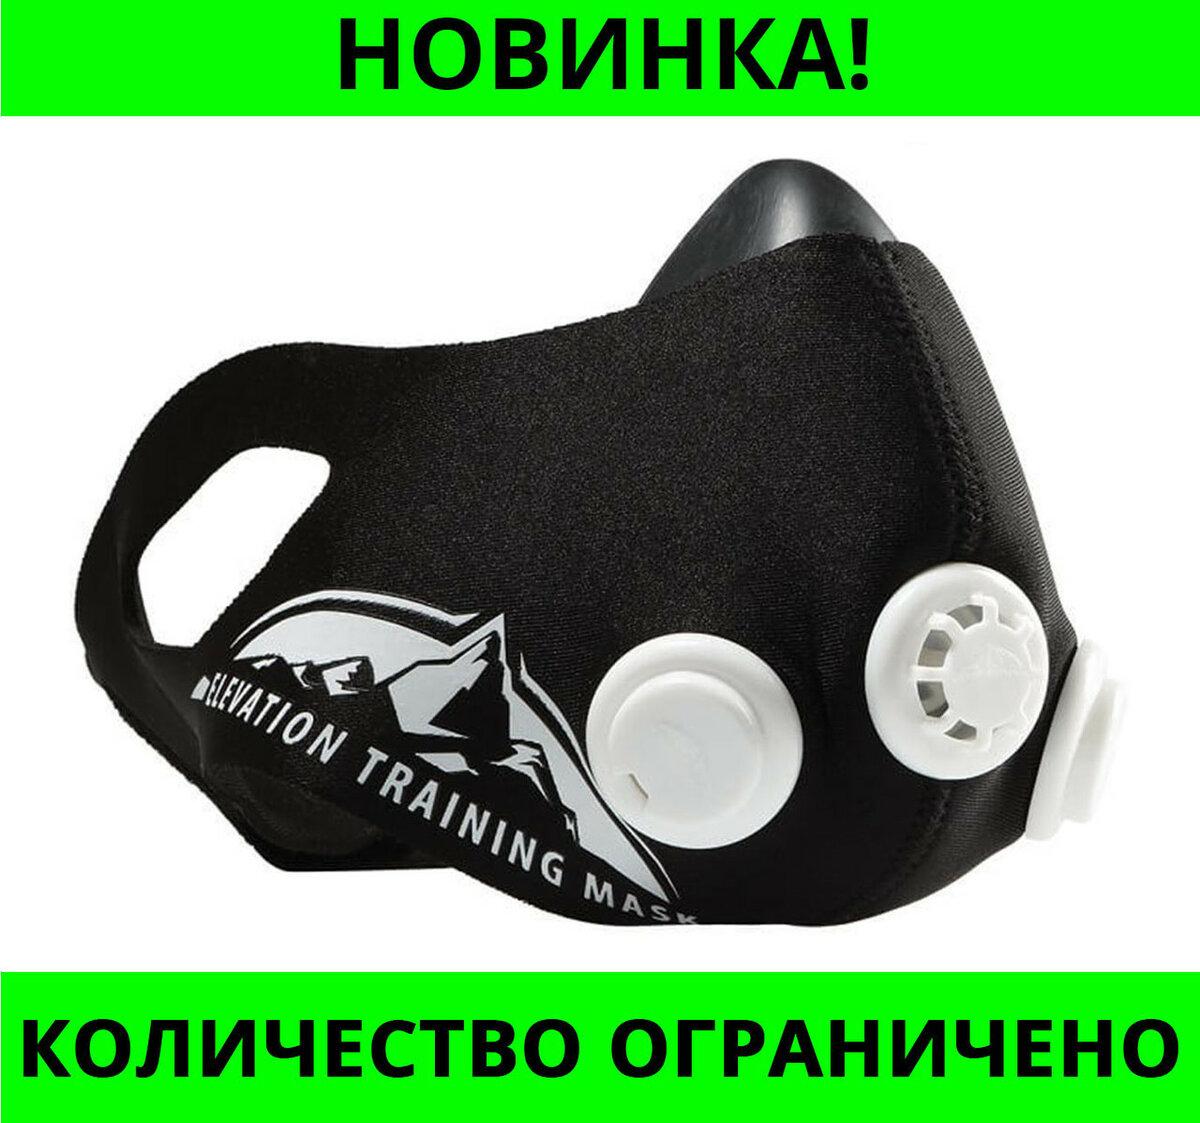 Аэробная тренировочная маска в Курске